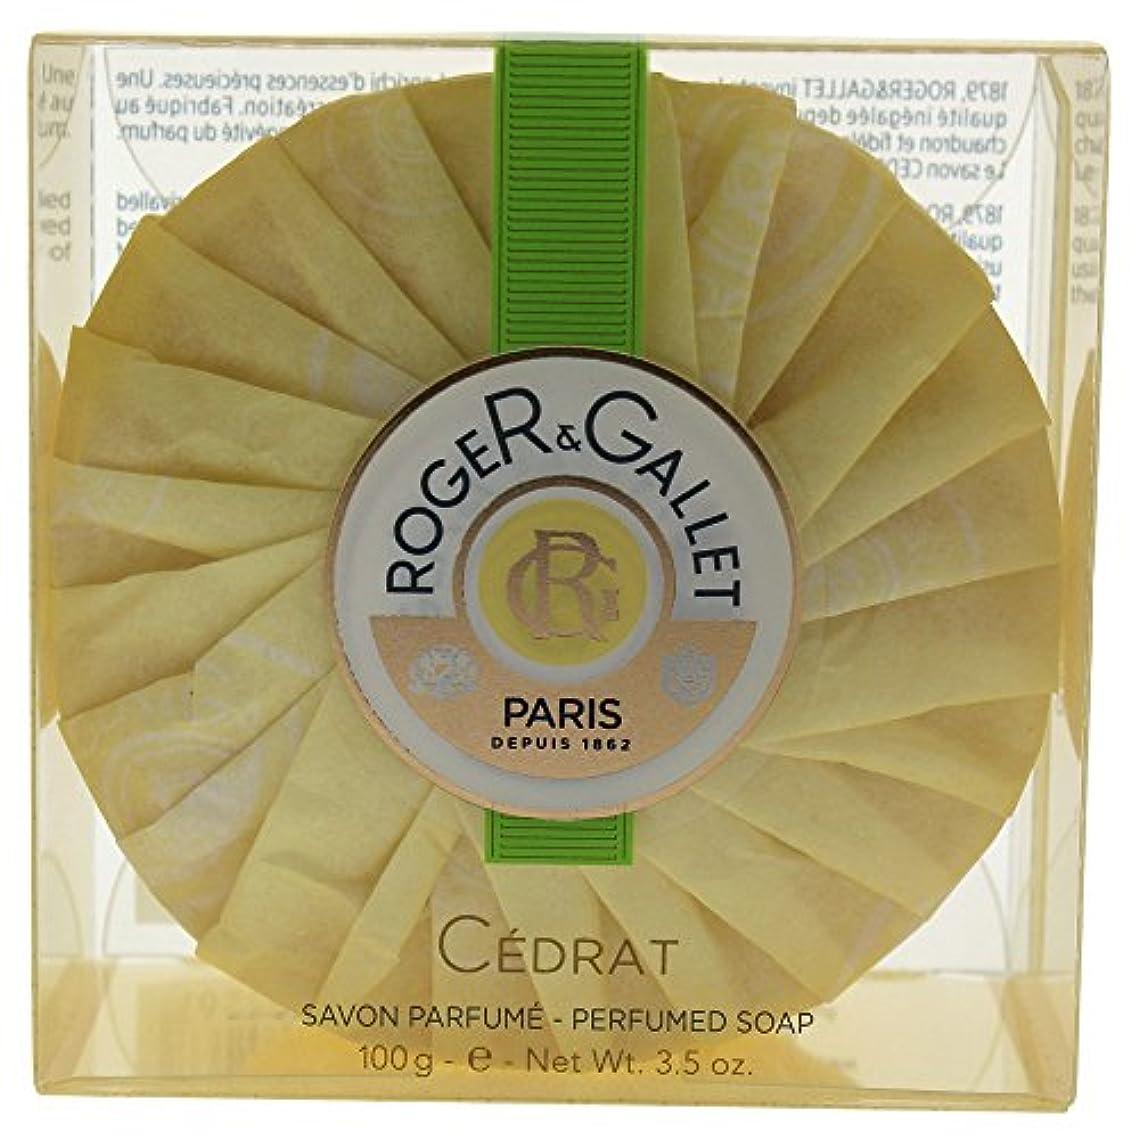 しょっぱい火星卵ロジェガレ セドラ パフュームド ソープ 100g 並行輸入品